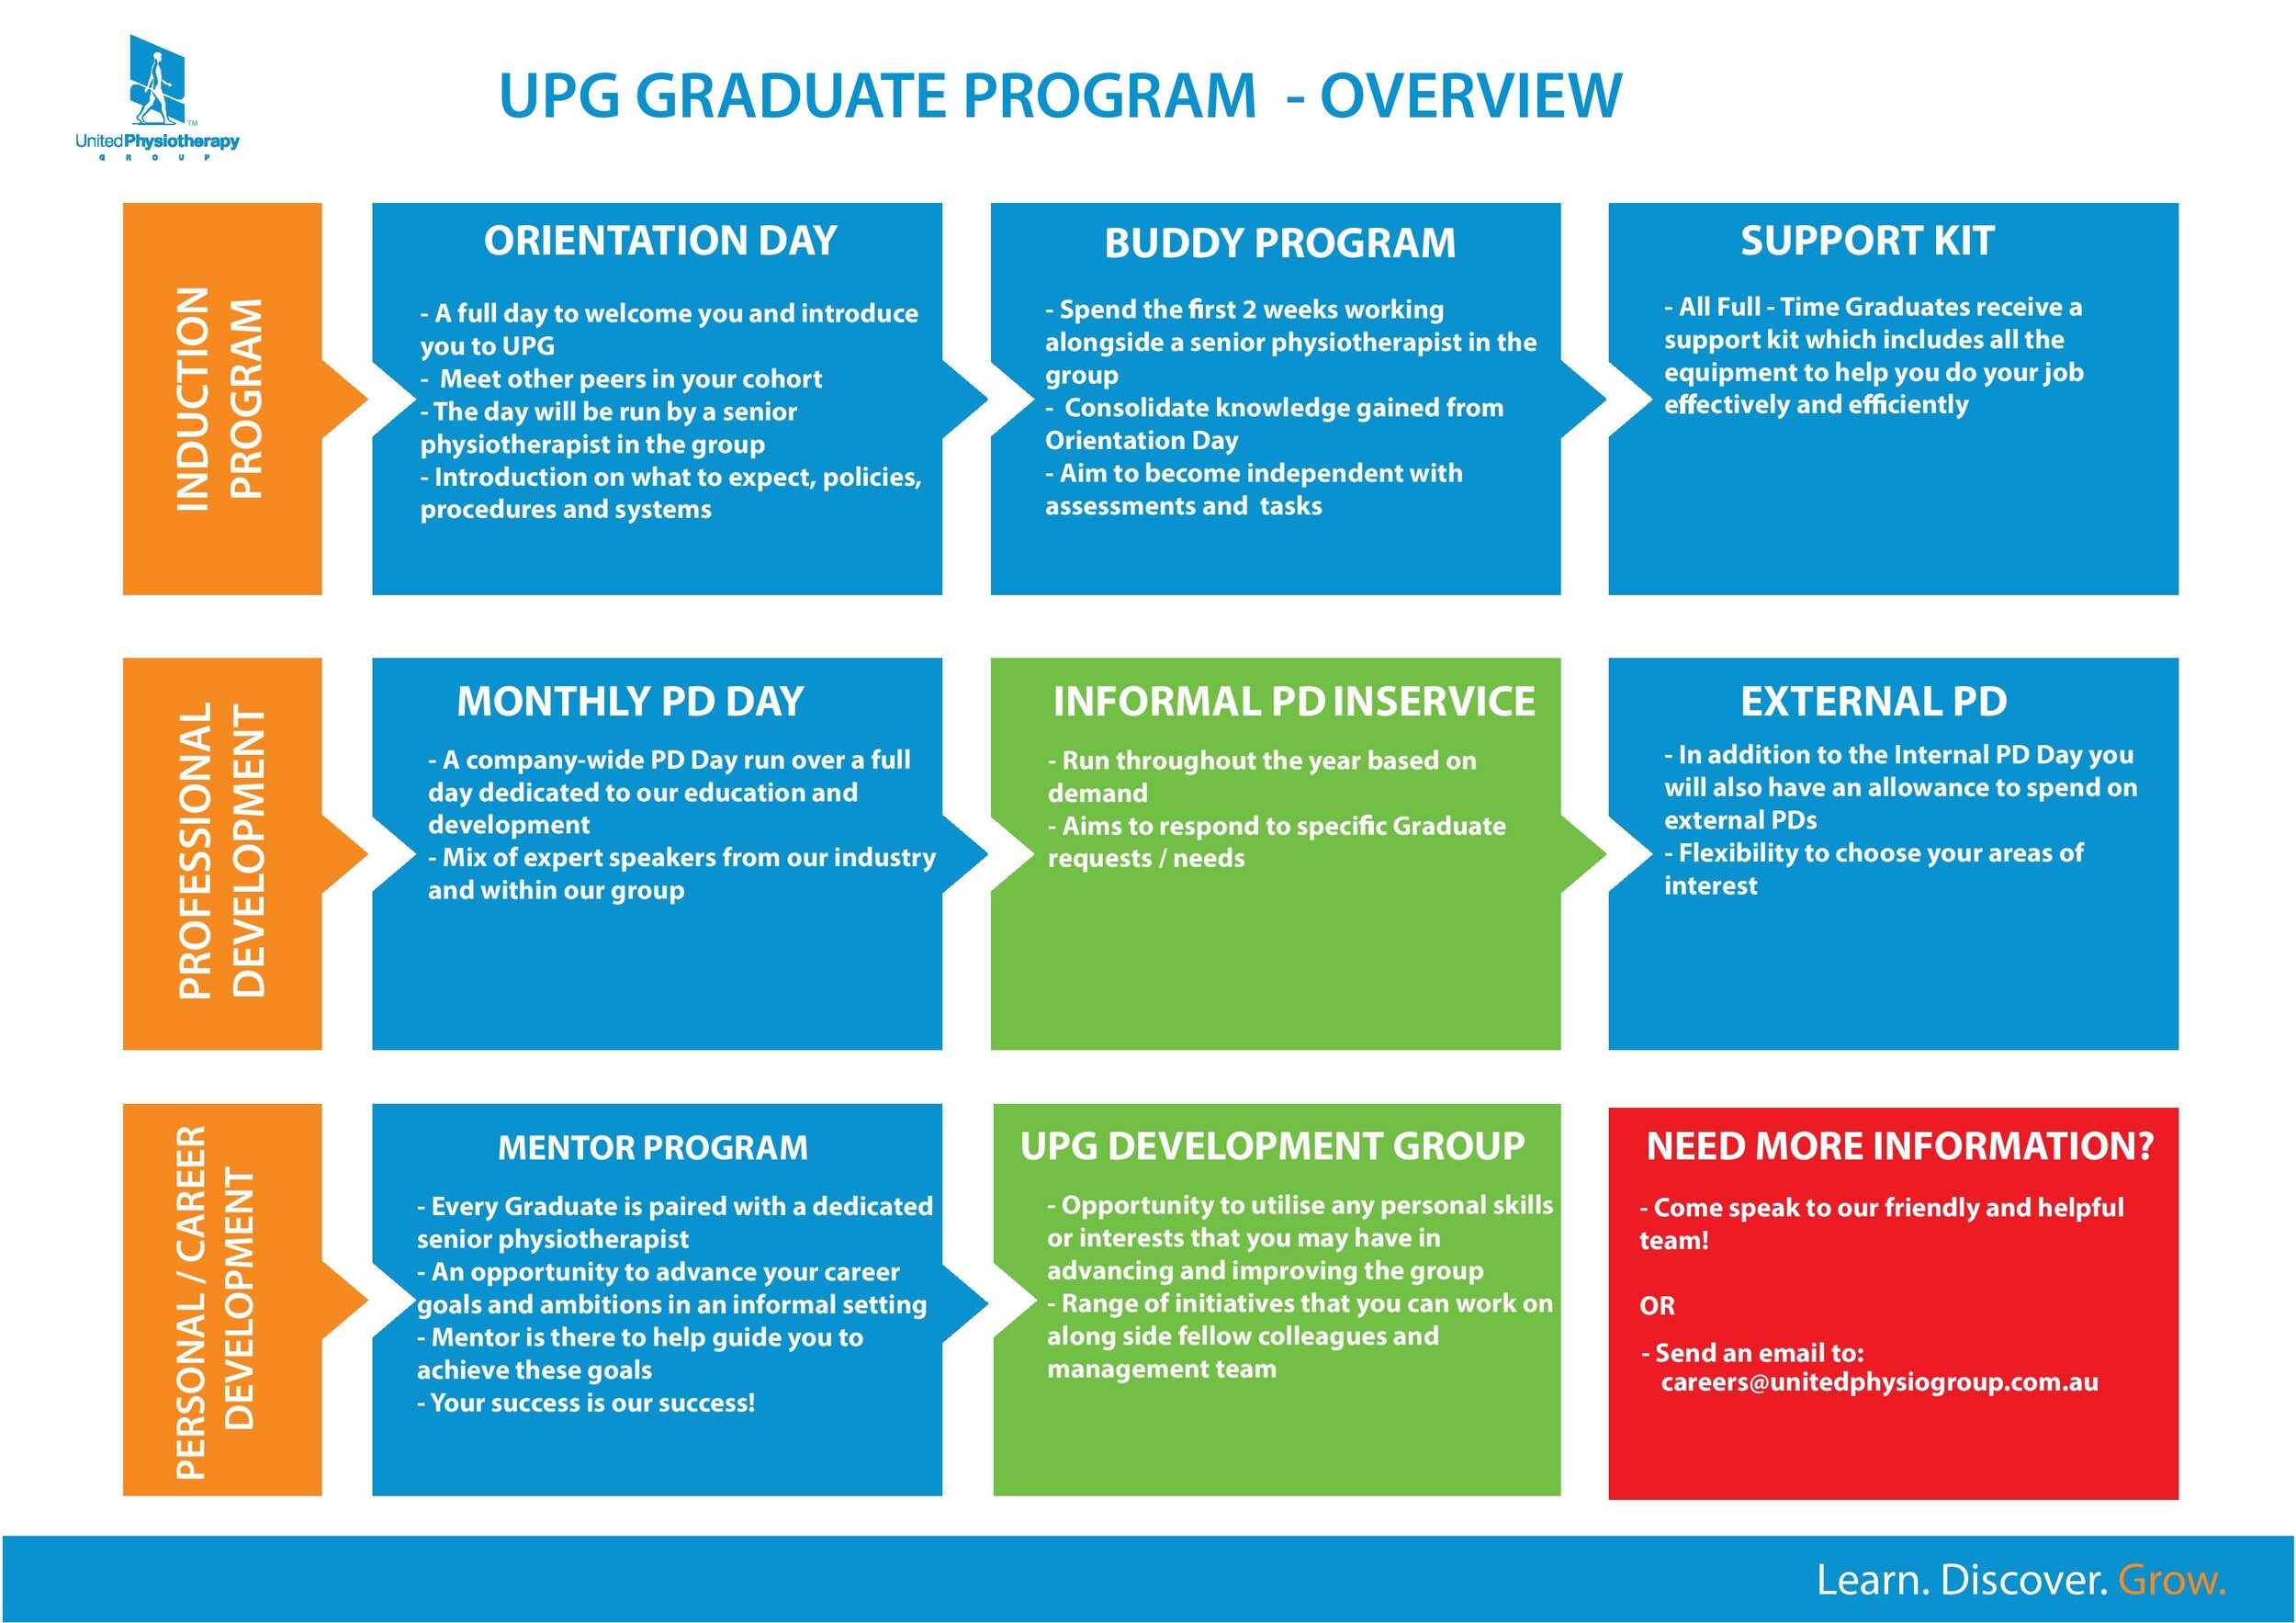 UPG - Graduate Program Overview BACK 2019-page-001.jpg